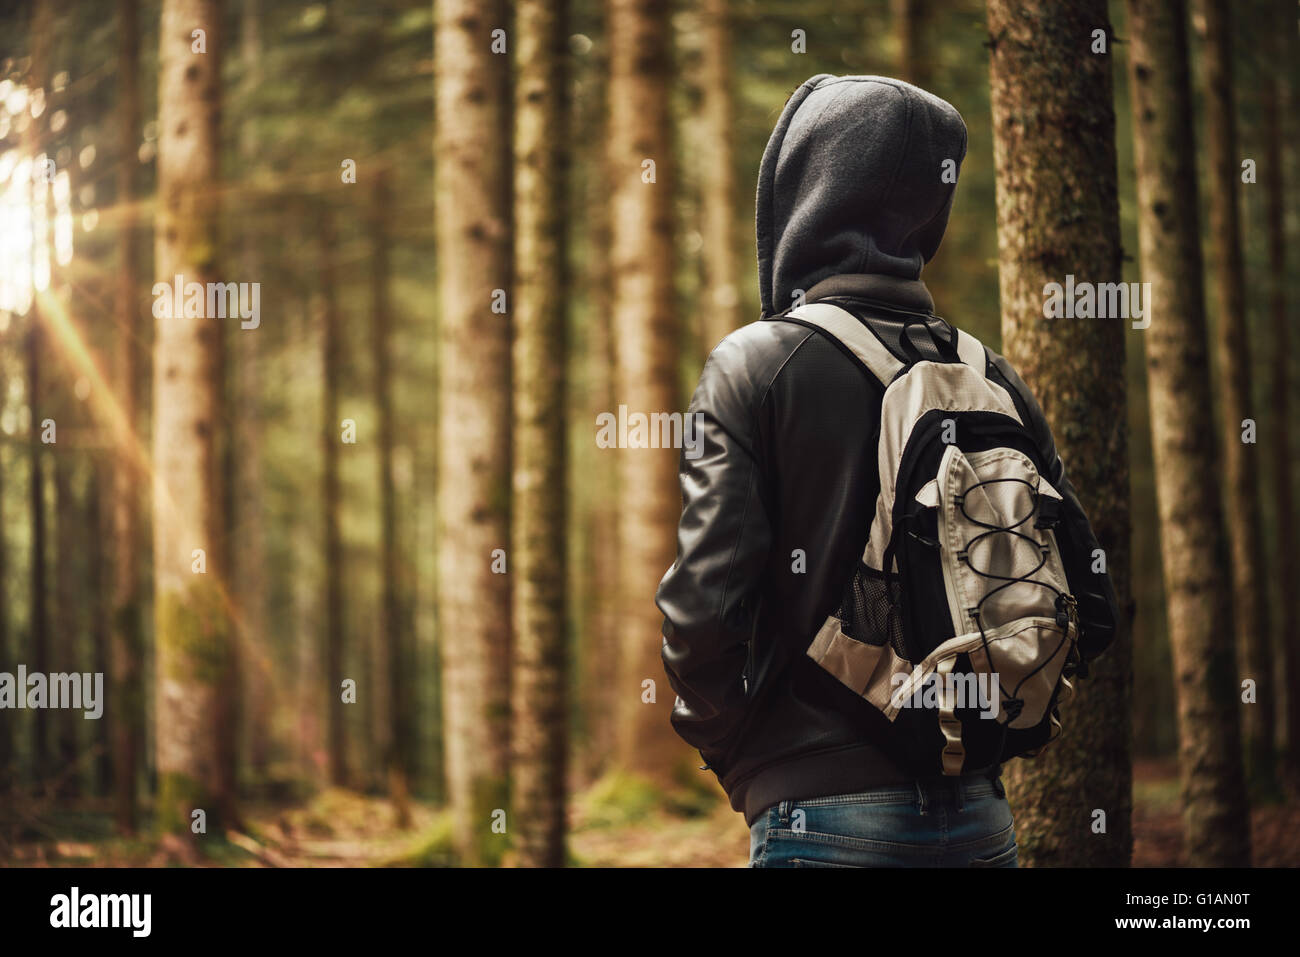 Jeune homme cagoulé randonnée dans les bois, la liberté et la nature concept Photo Stock